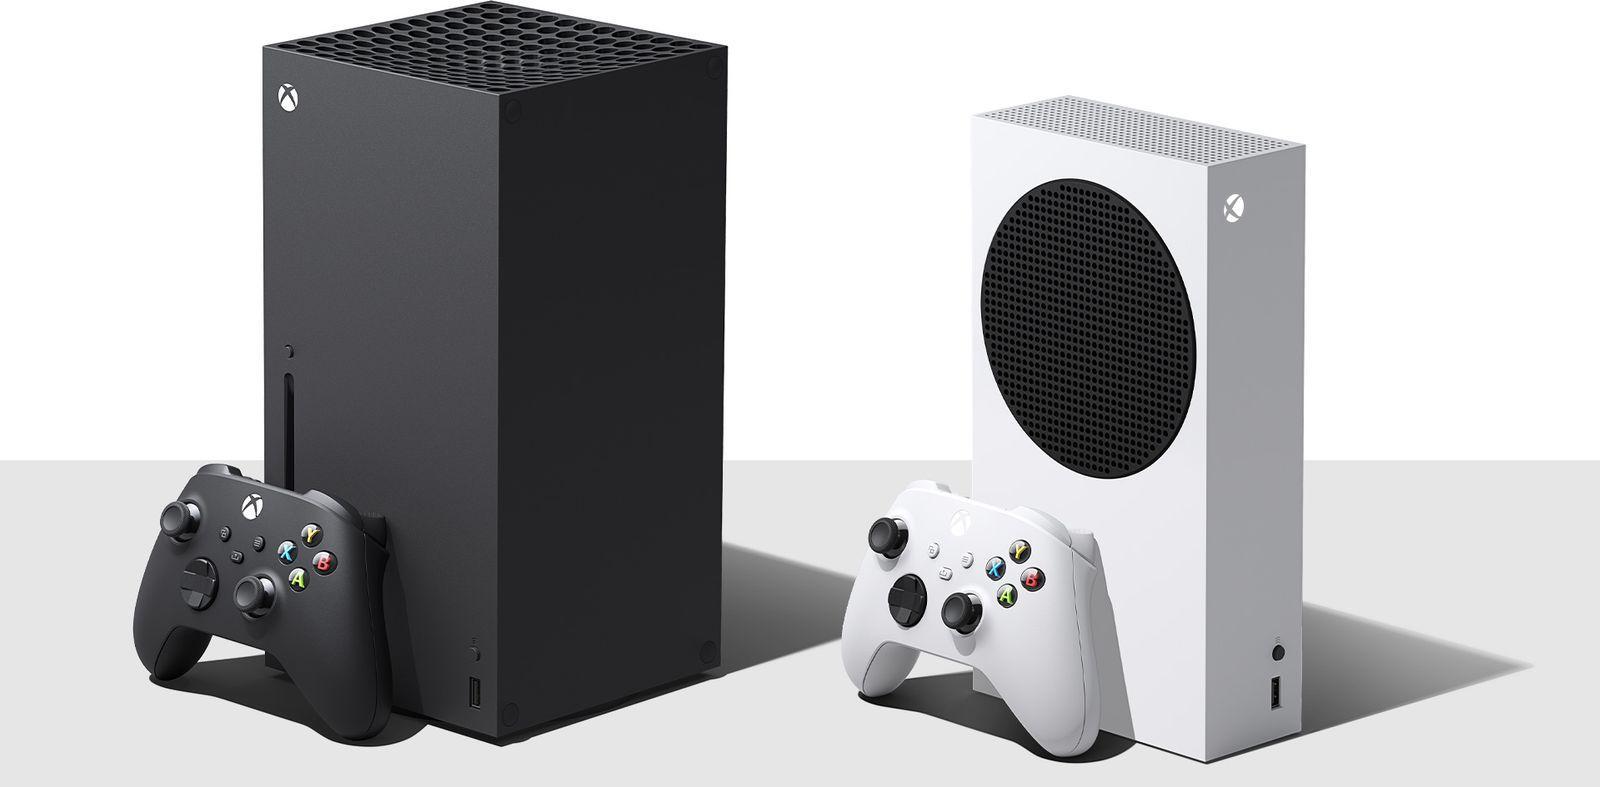 Xbox Series X til venstre. Den rimeligere og svakere Xbox Series S, uten diskdrev, til høyre.